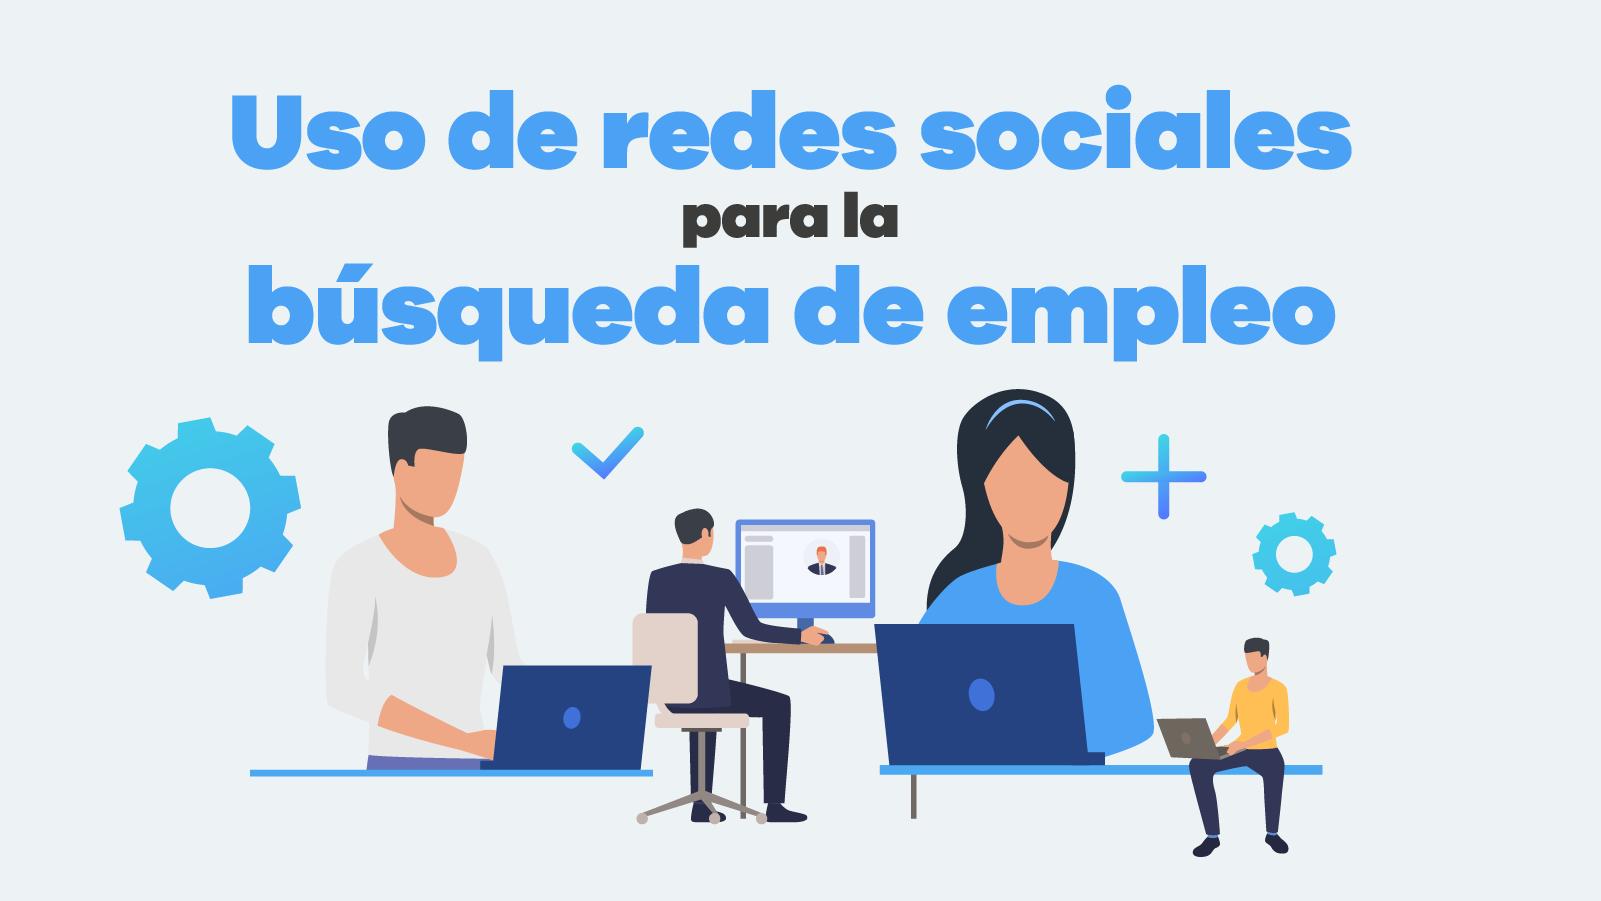 uso de redes sociales para la búsqueda de empleo 02